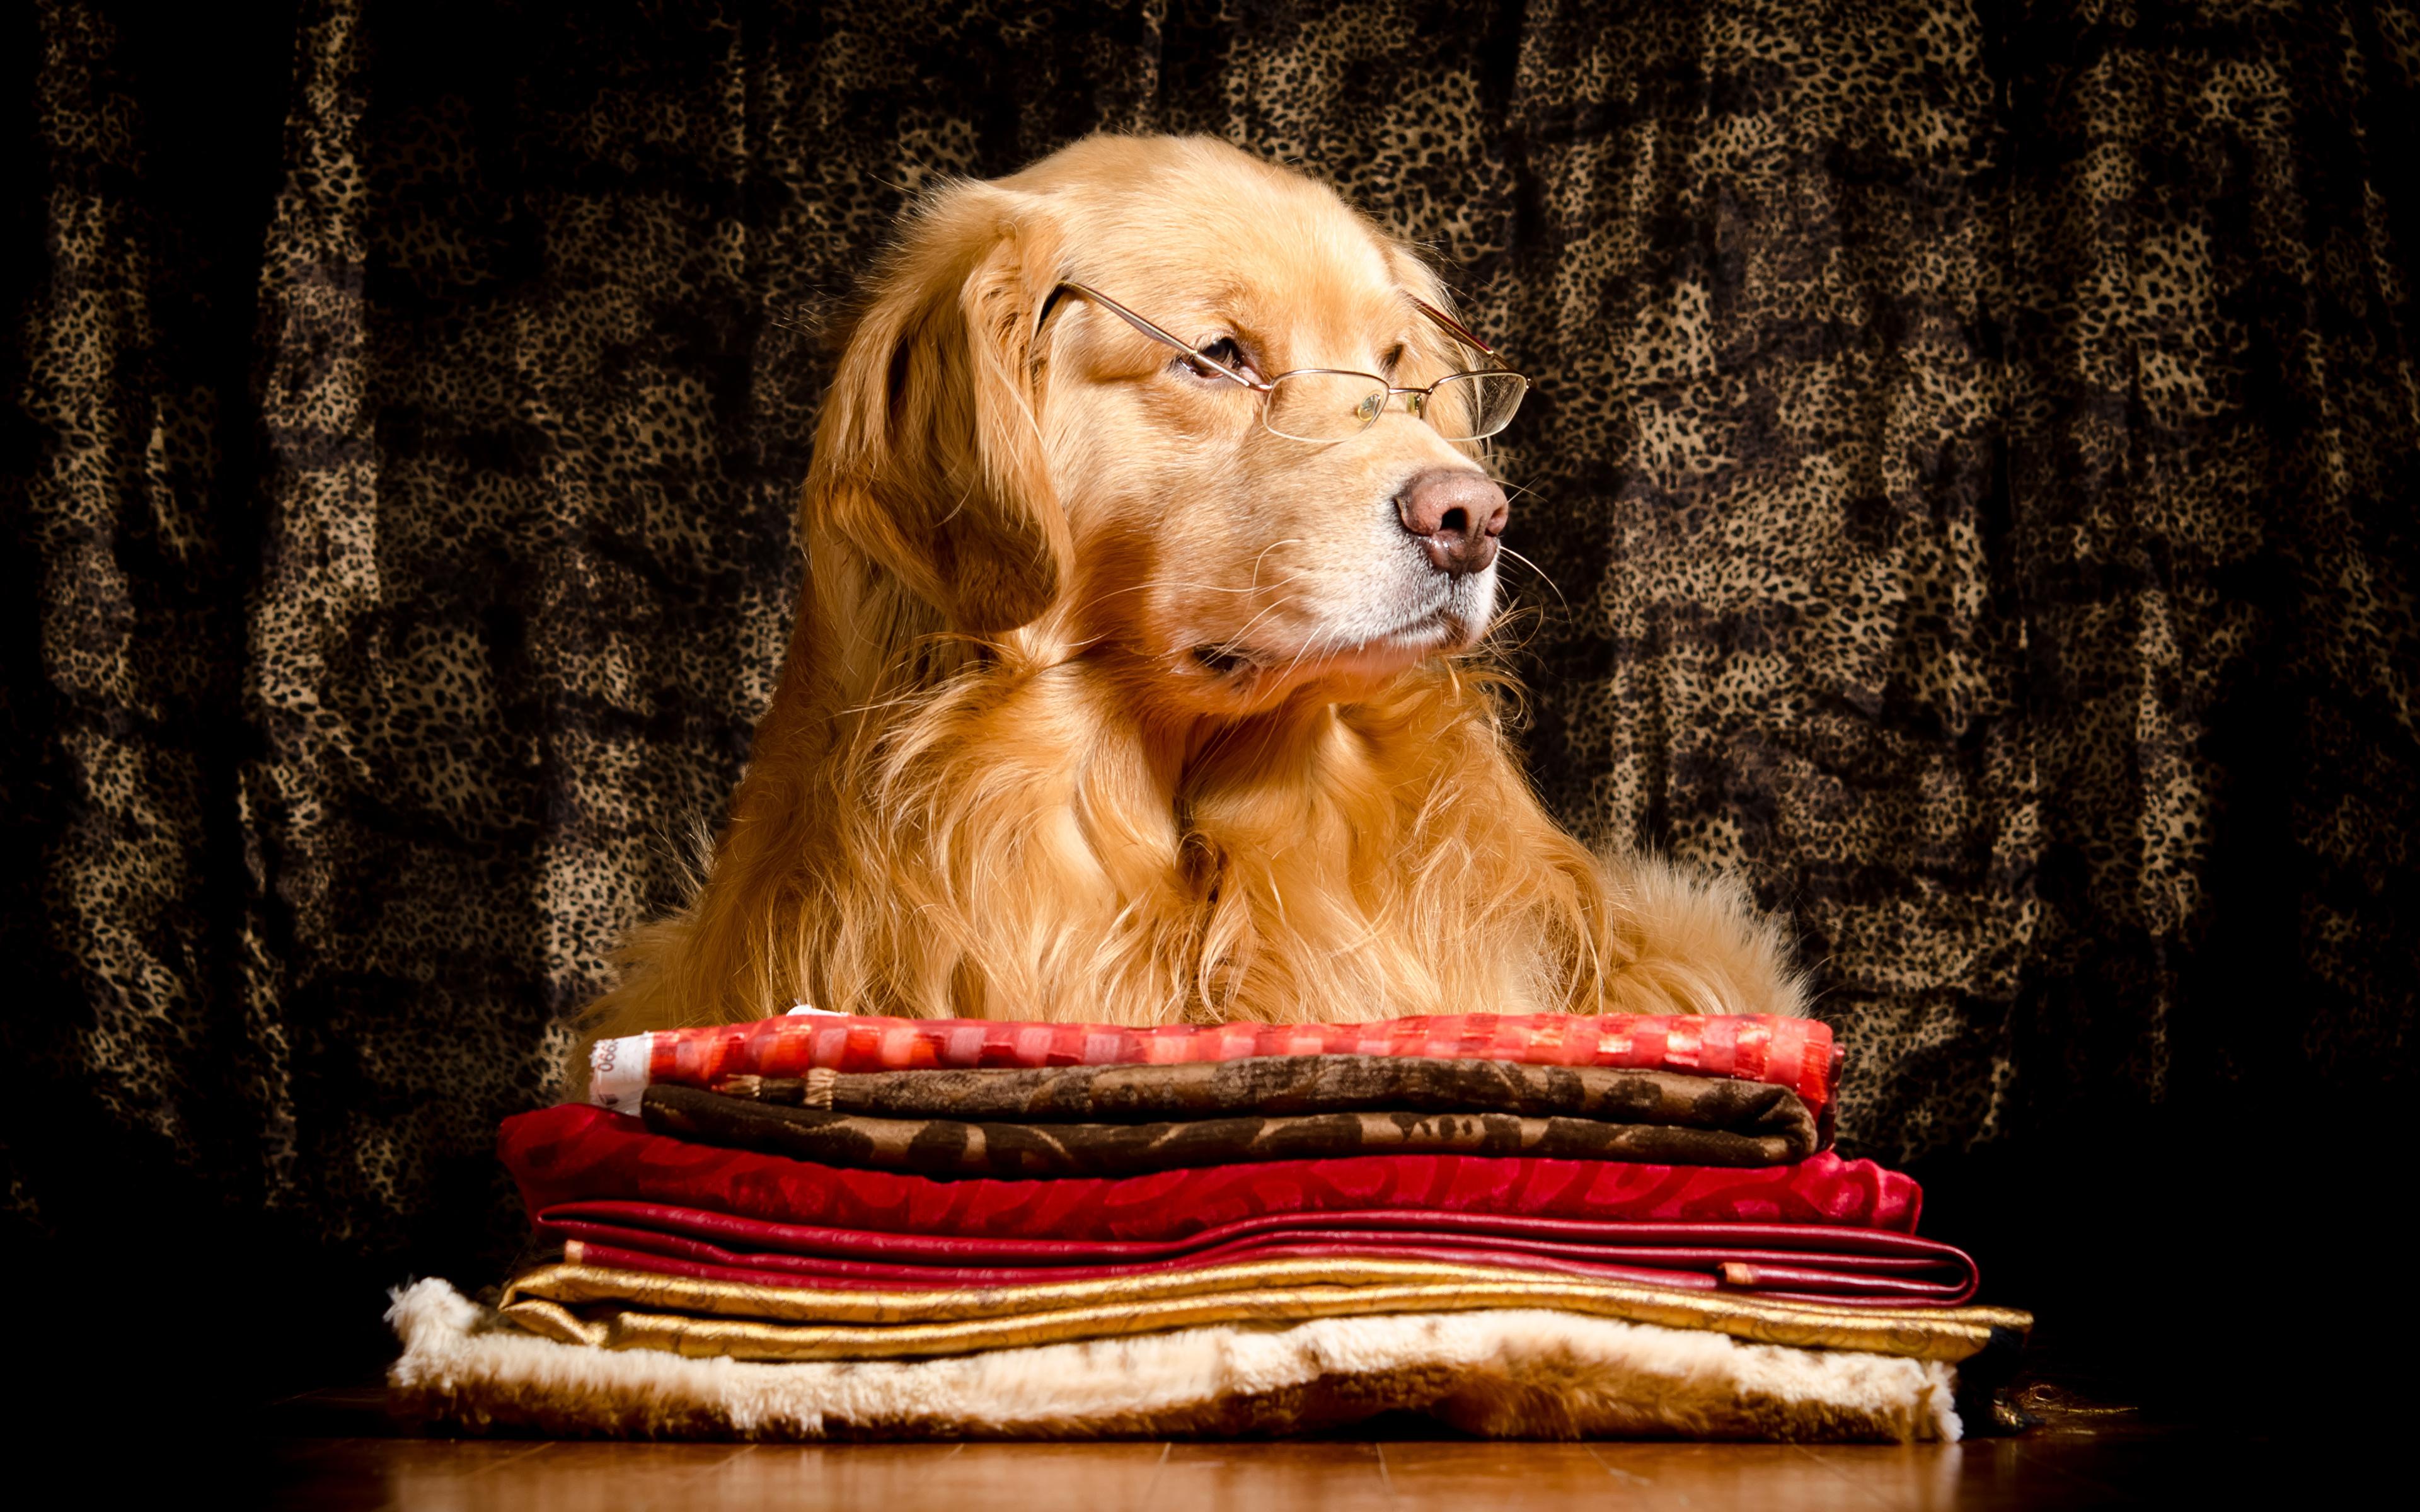 Фотография Золотистый ретривер Собаки очков животное 3840x2400 собака Очки очках Животные